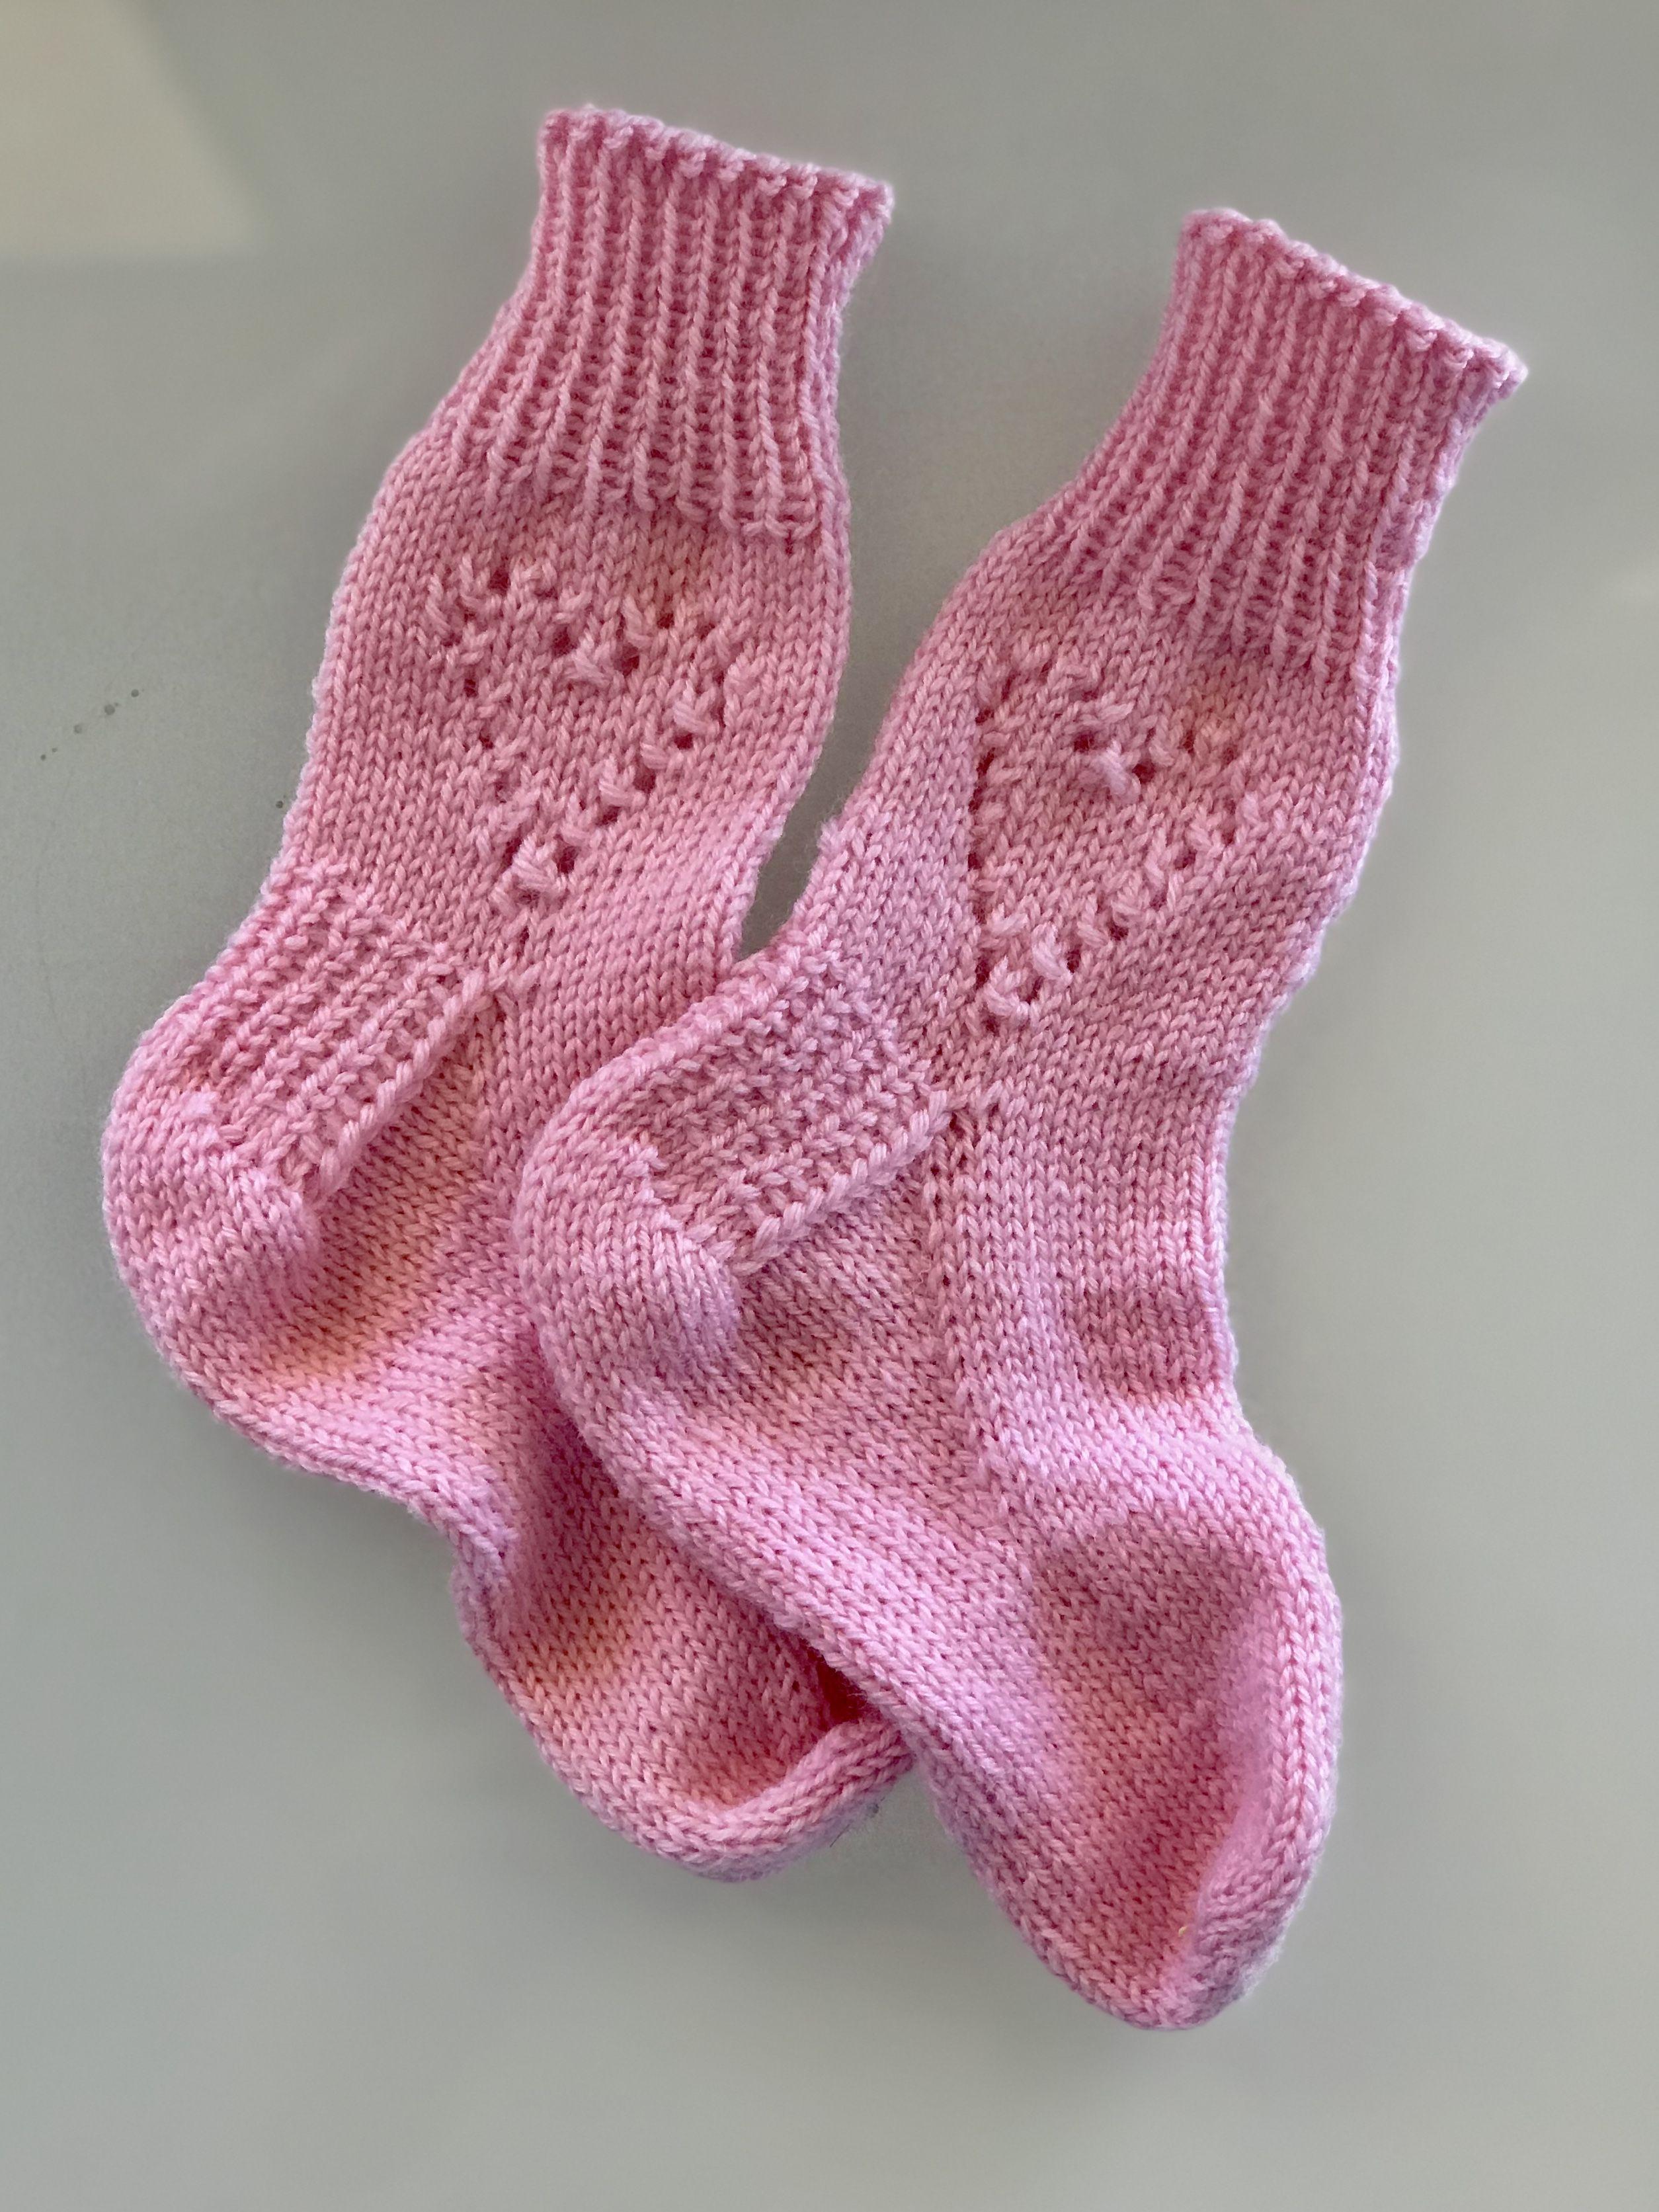 Red Heart Love Cotton Socks Women Cute Heart Heel Socks Soild Color Casual Socks